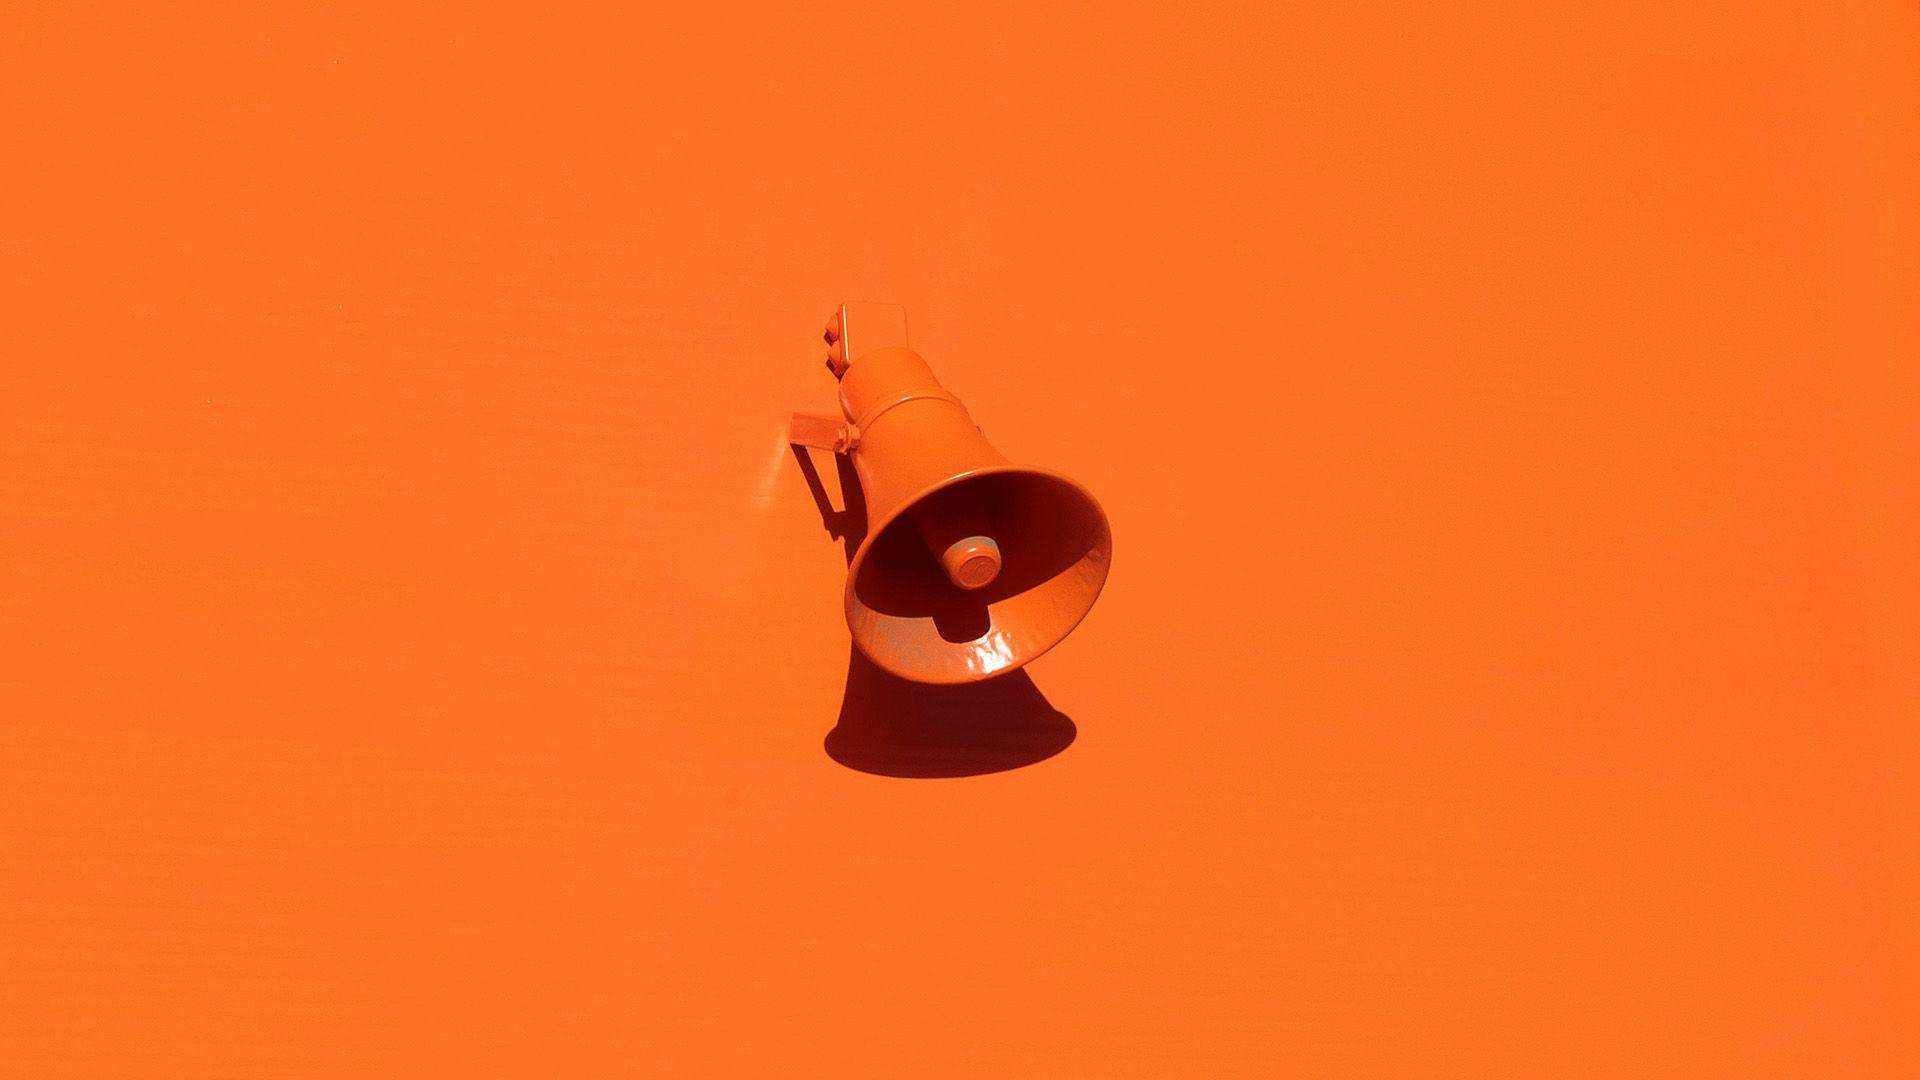 En oransje megafon på oransje bakgrunn. Illustrasjonsbilde til sak om Google ads for markedsføringsbyrået Elg.